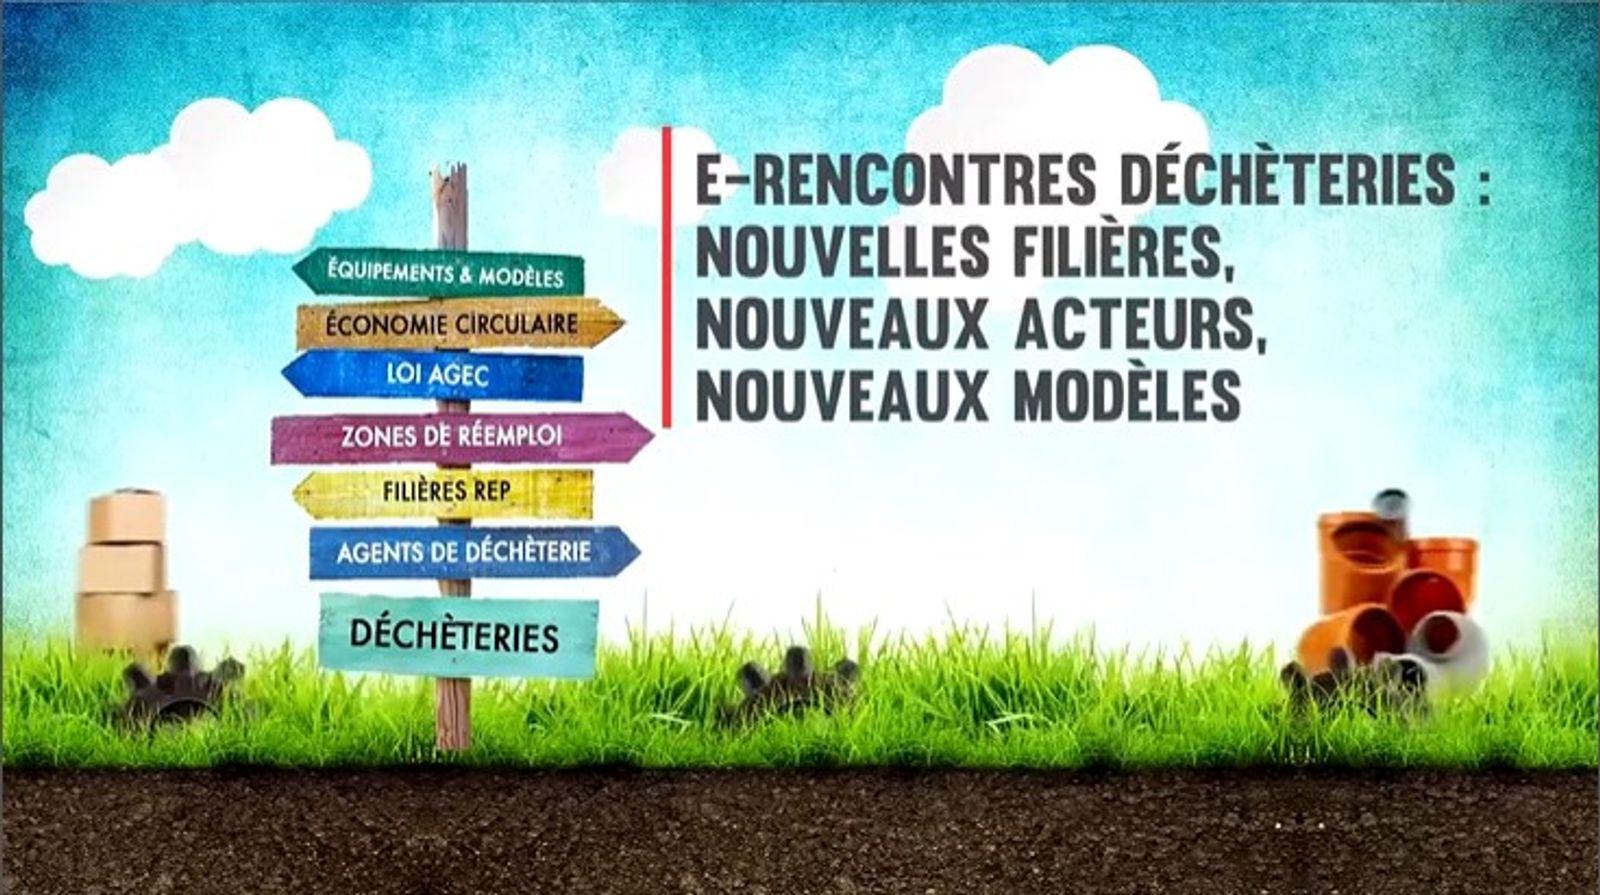 E-Rencontres déchèteries - Séance plénière de clôture - La déchèterie : porte d'entrée de l'économie circulaire de son territoire ?